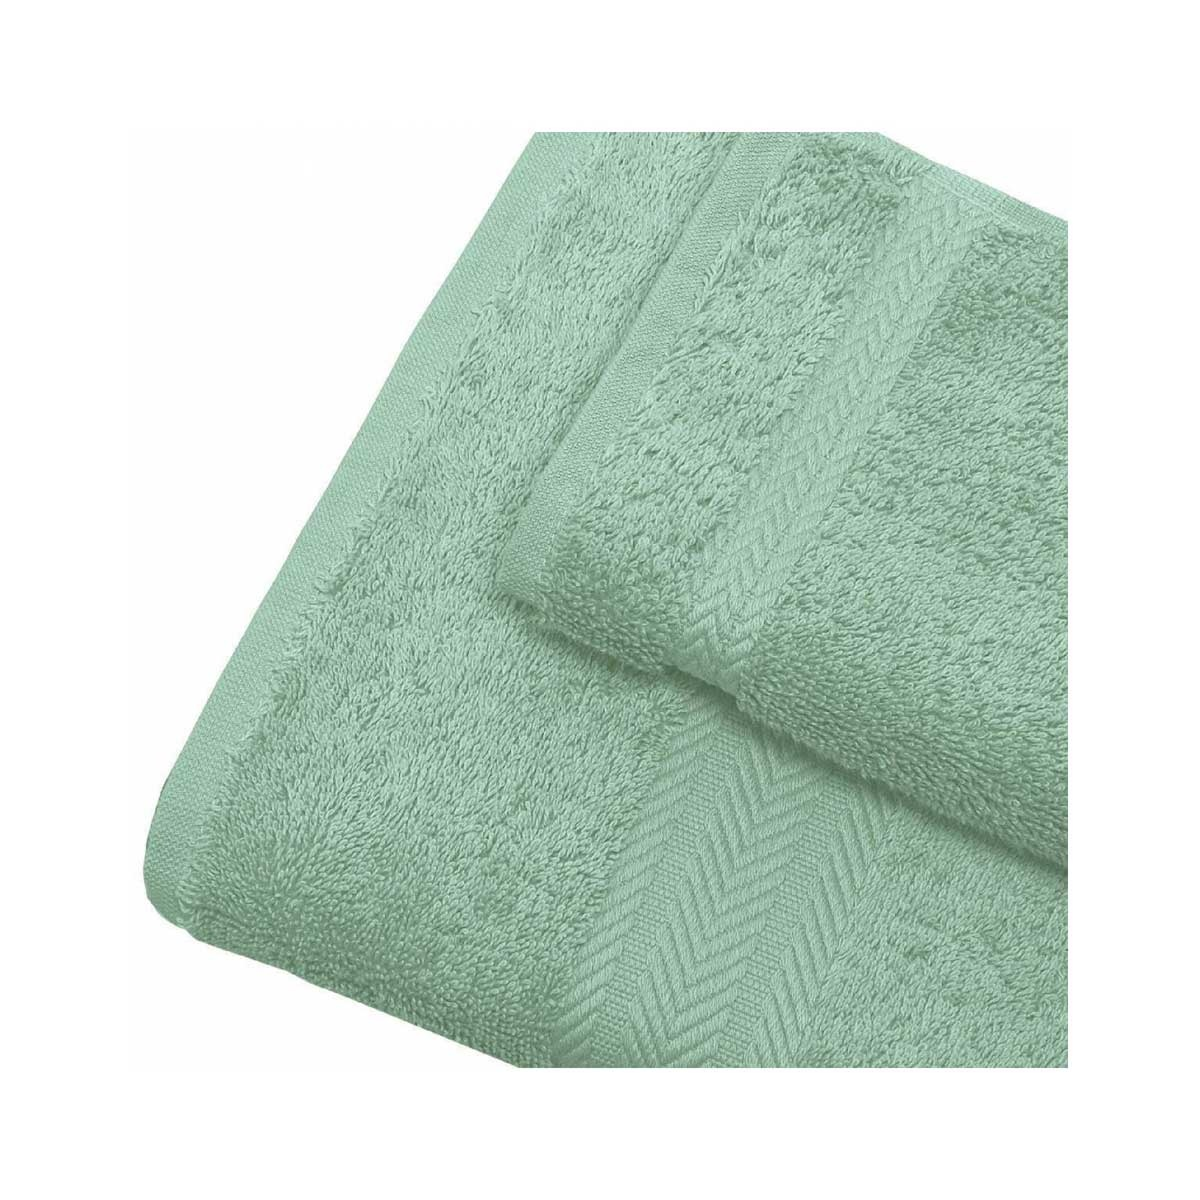 Linge de bain en coton 550gr/m² céladon (Céladon)